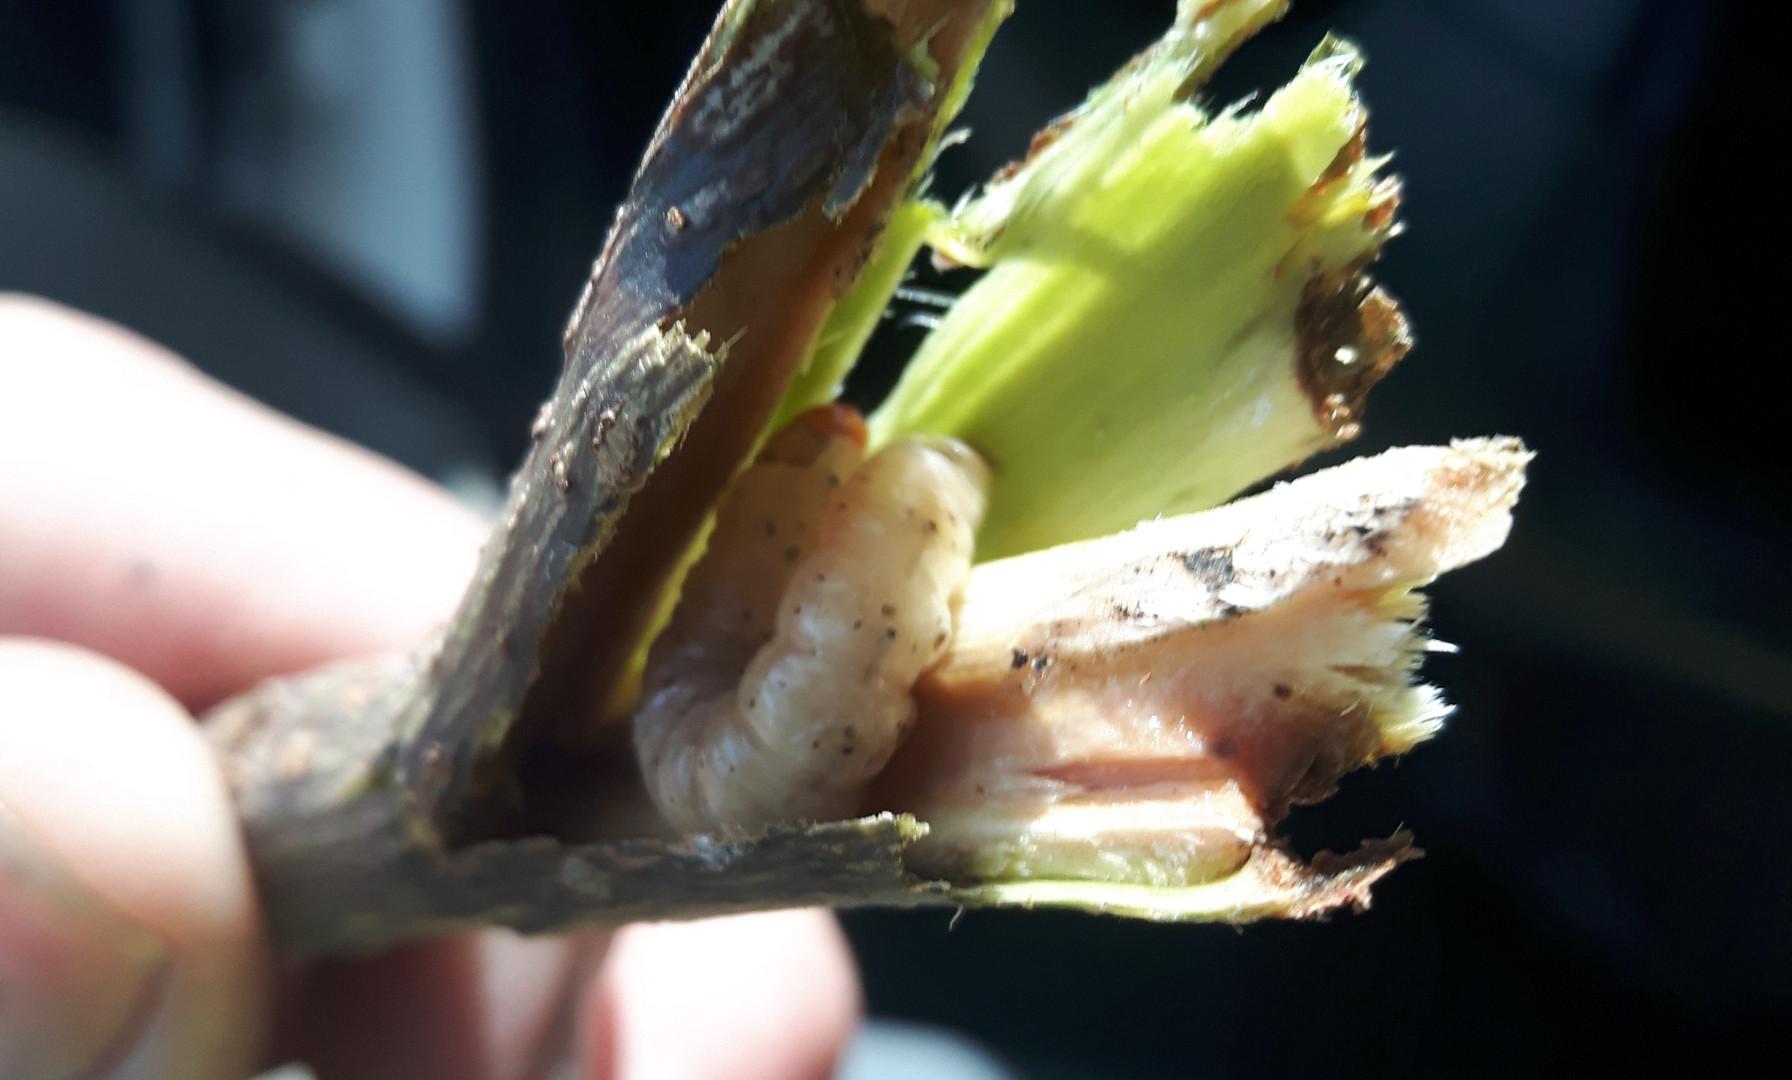 Unidentified larvae in Boxelder